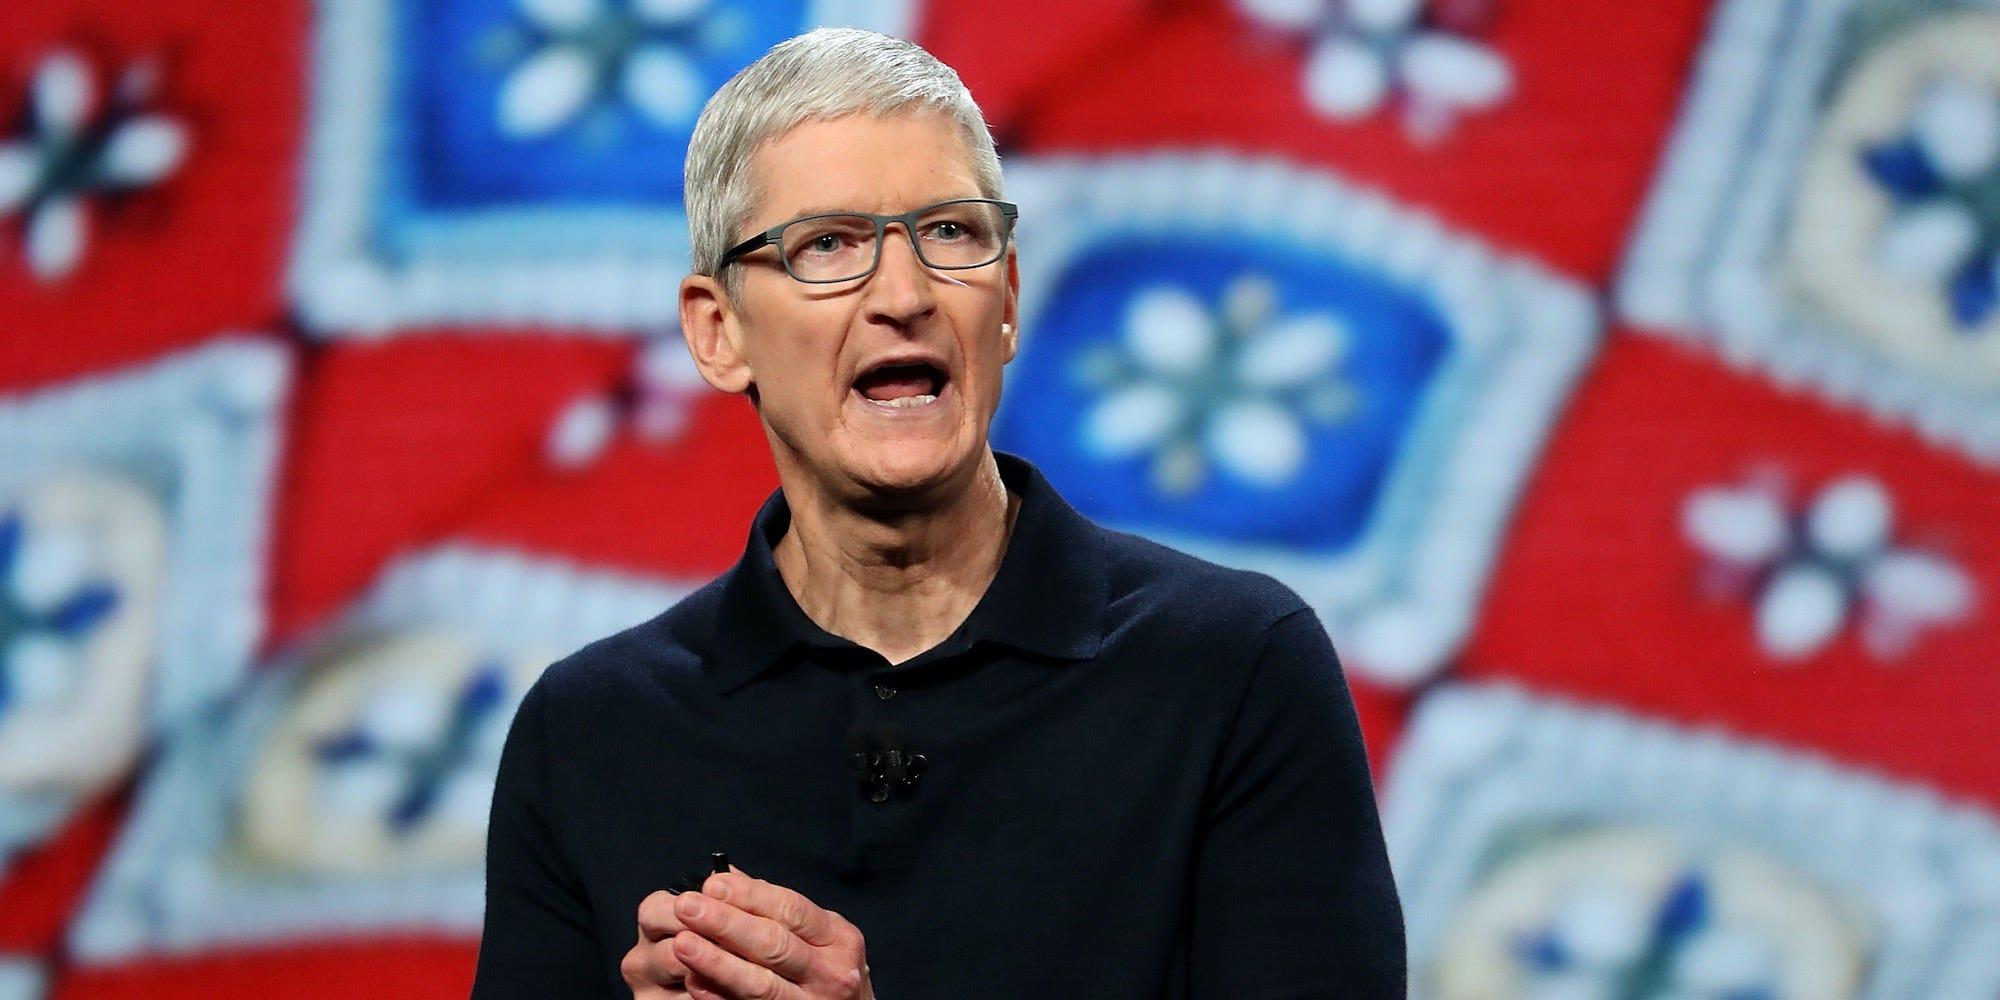 高盛:苹果强劲涨势不会持续 直